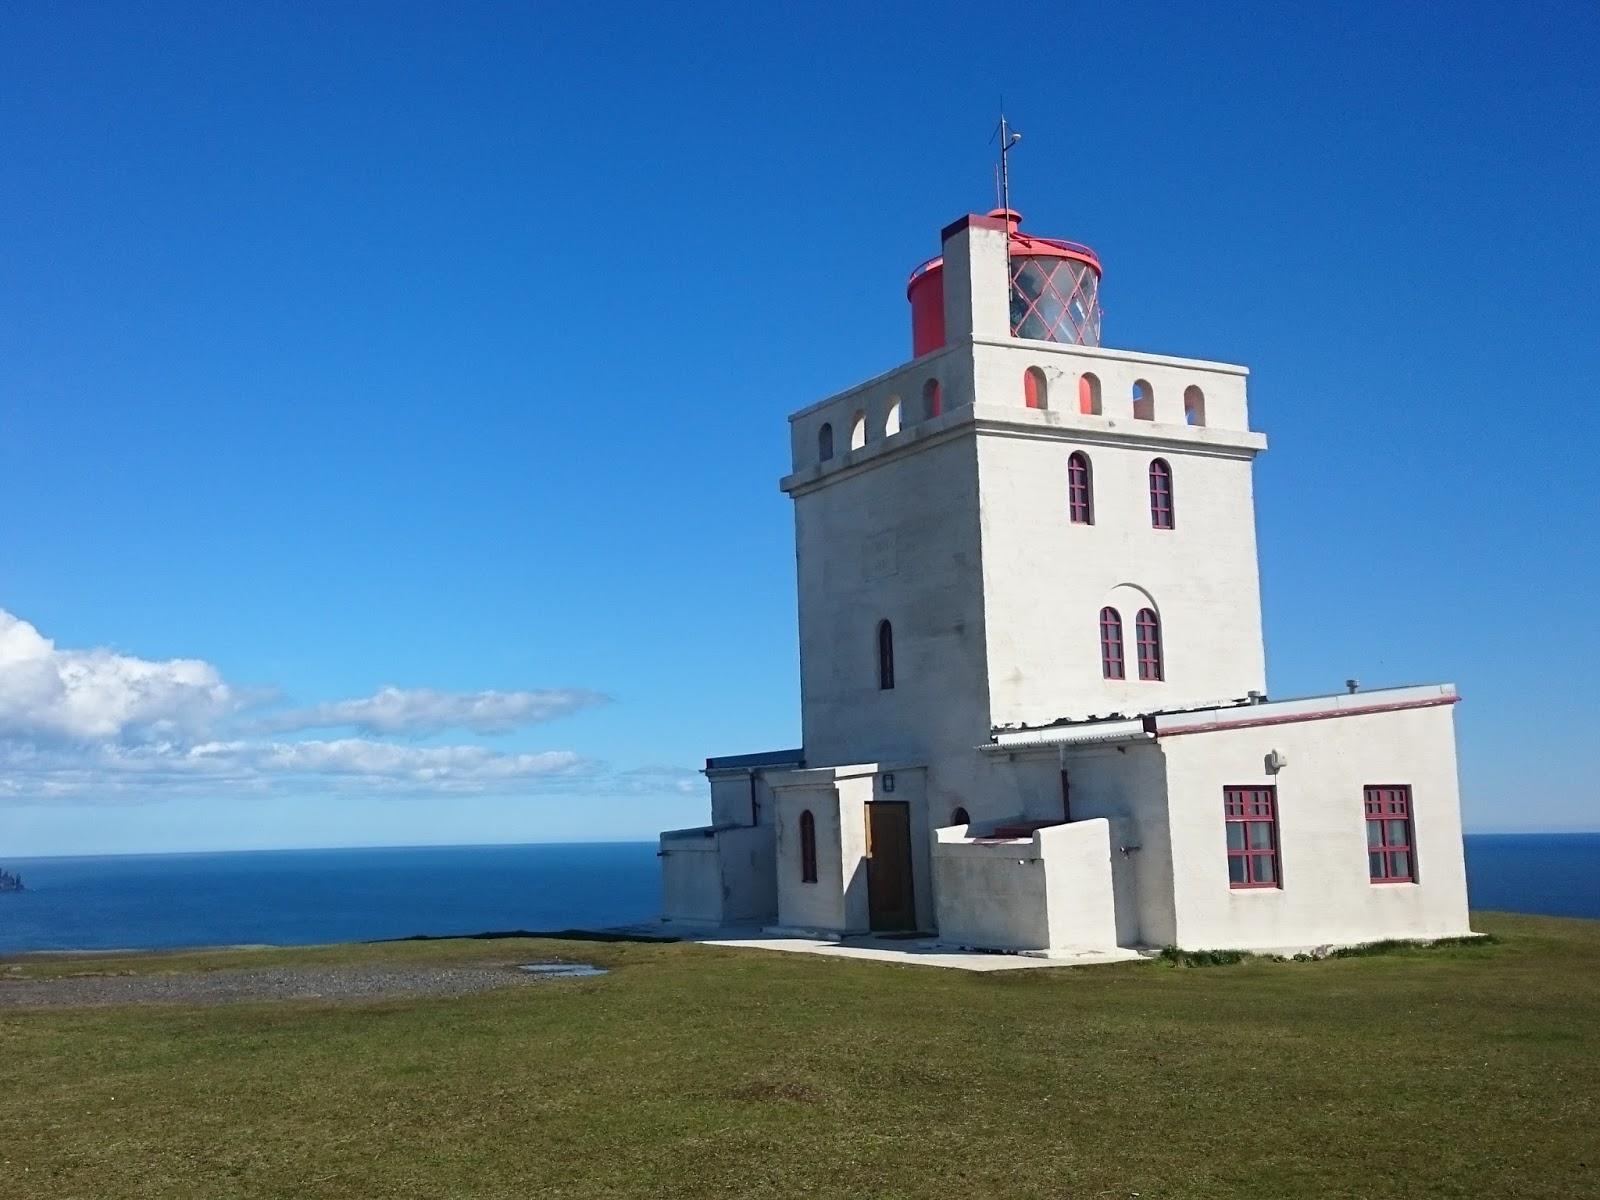 Latarnia na Dyrholaey, Dyrholaey, Islandia, islandzki krajobraz, blog o Islandii